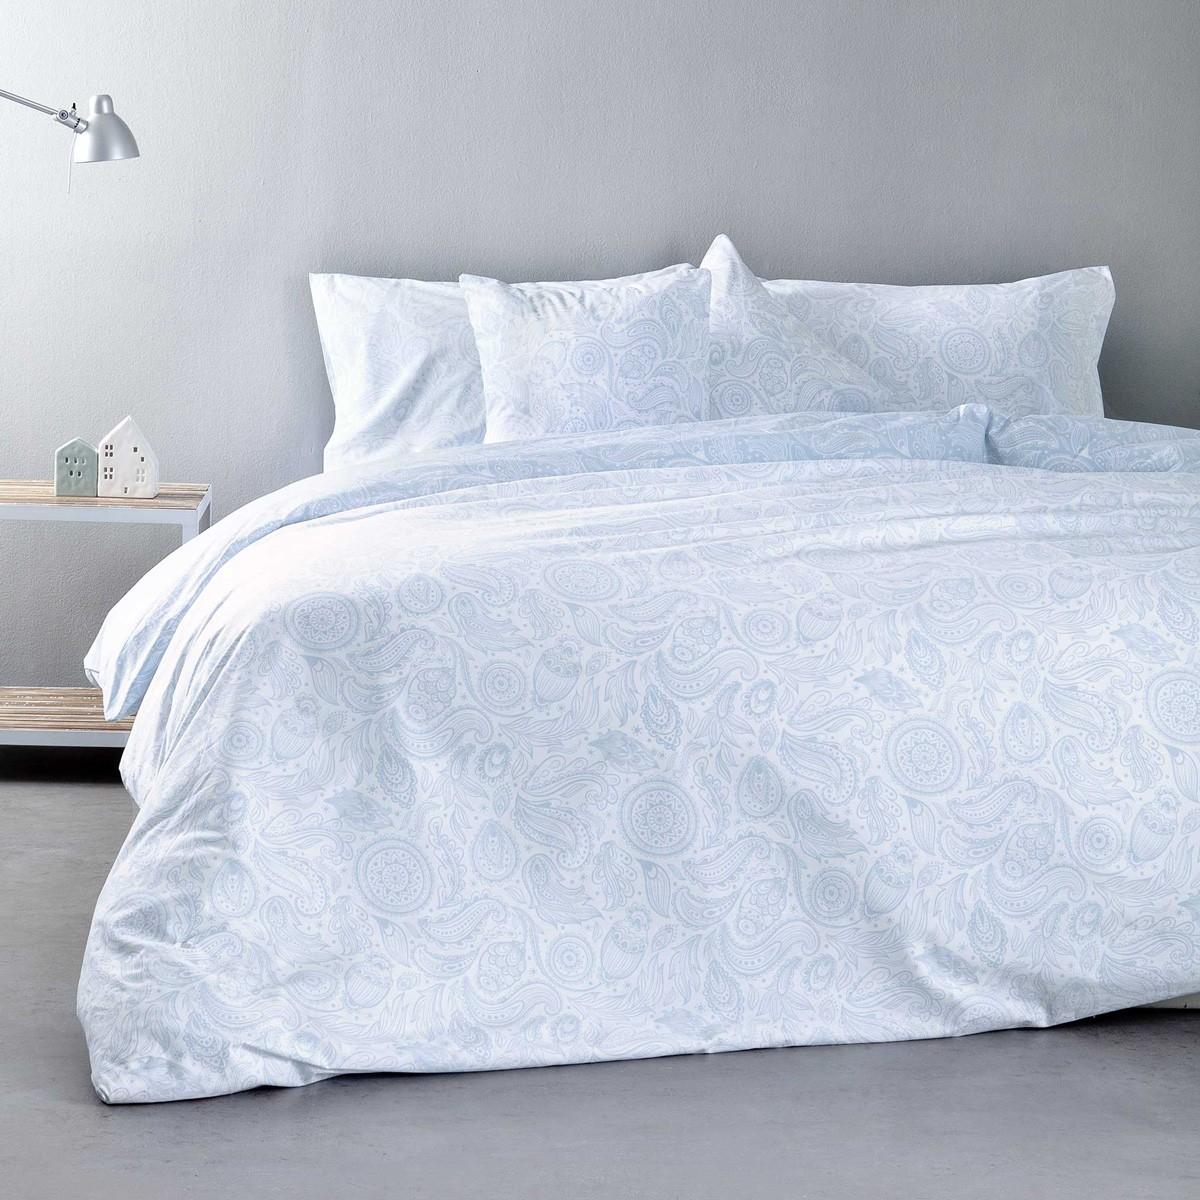 Κουβερλί Μονό Nima Bed Linen Jaipur Blue